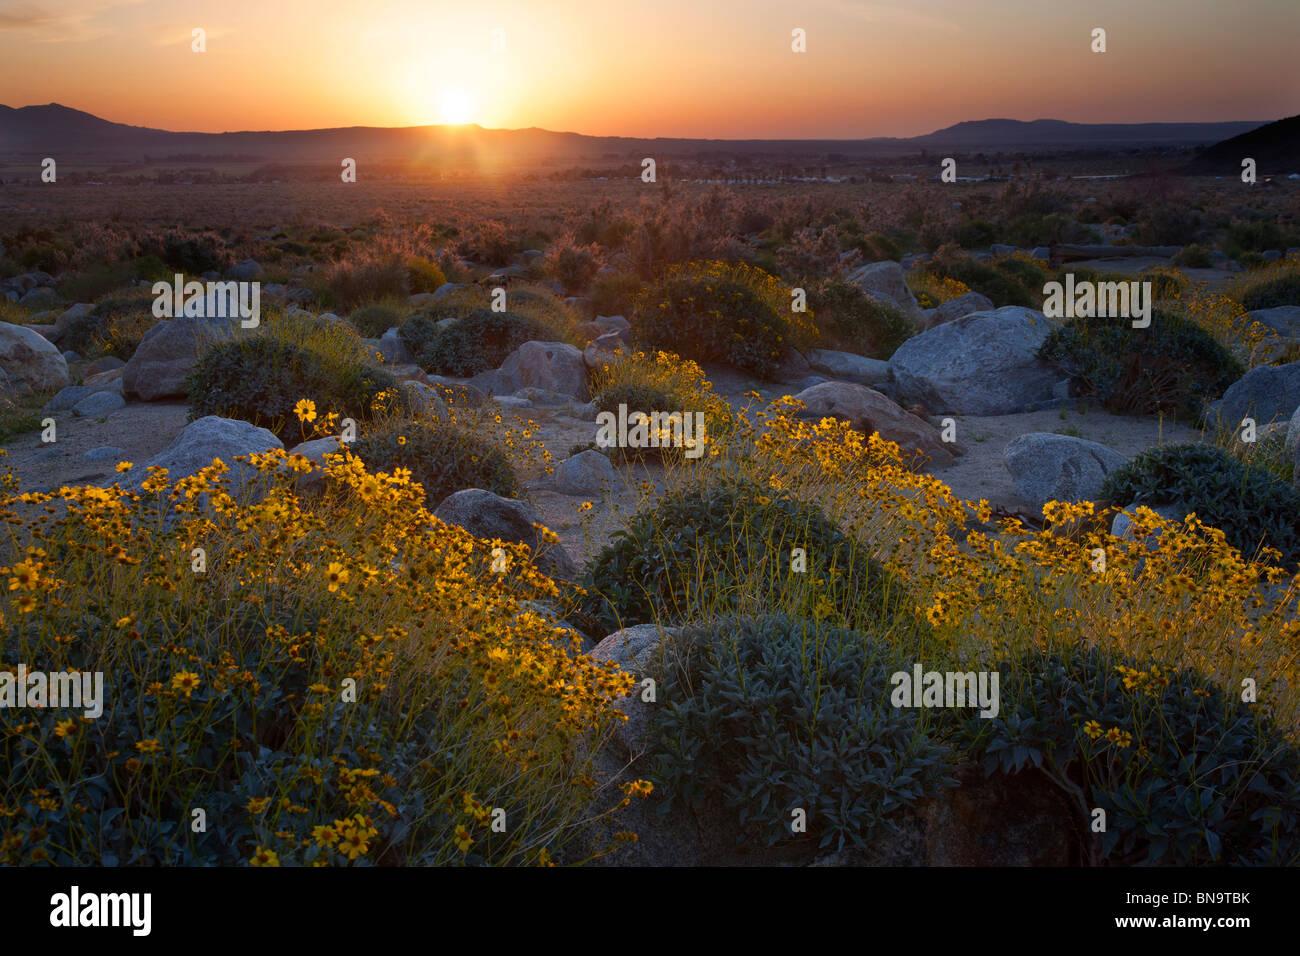 Flores silvestres en Borrego Palm Canyon, Desierto Anza-Borrego State Park, California. Imagen De Stock